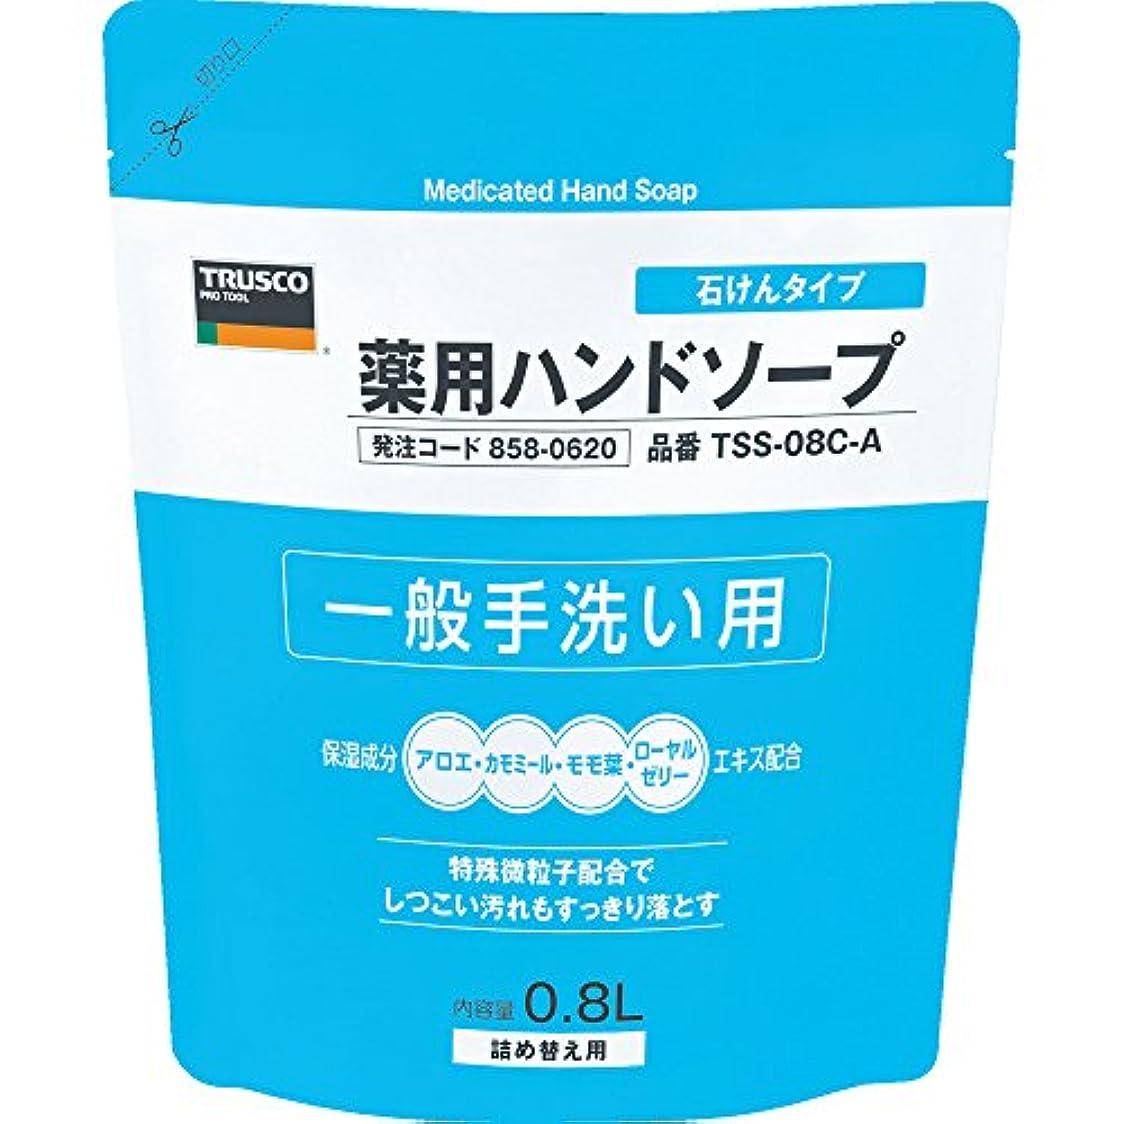 インタネットを見る豊かな強制TRUSCO(トラスコ) 薬用ハンドソープ 石けんタイプ 袋入詰替 0.8L TSS-08C-A